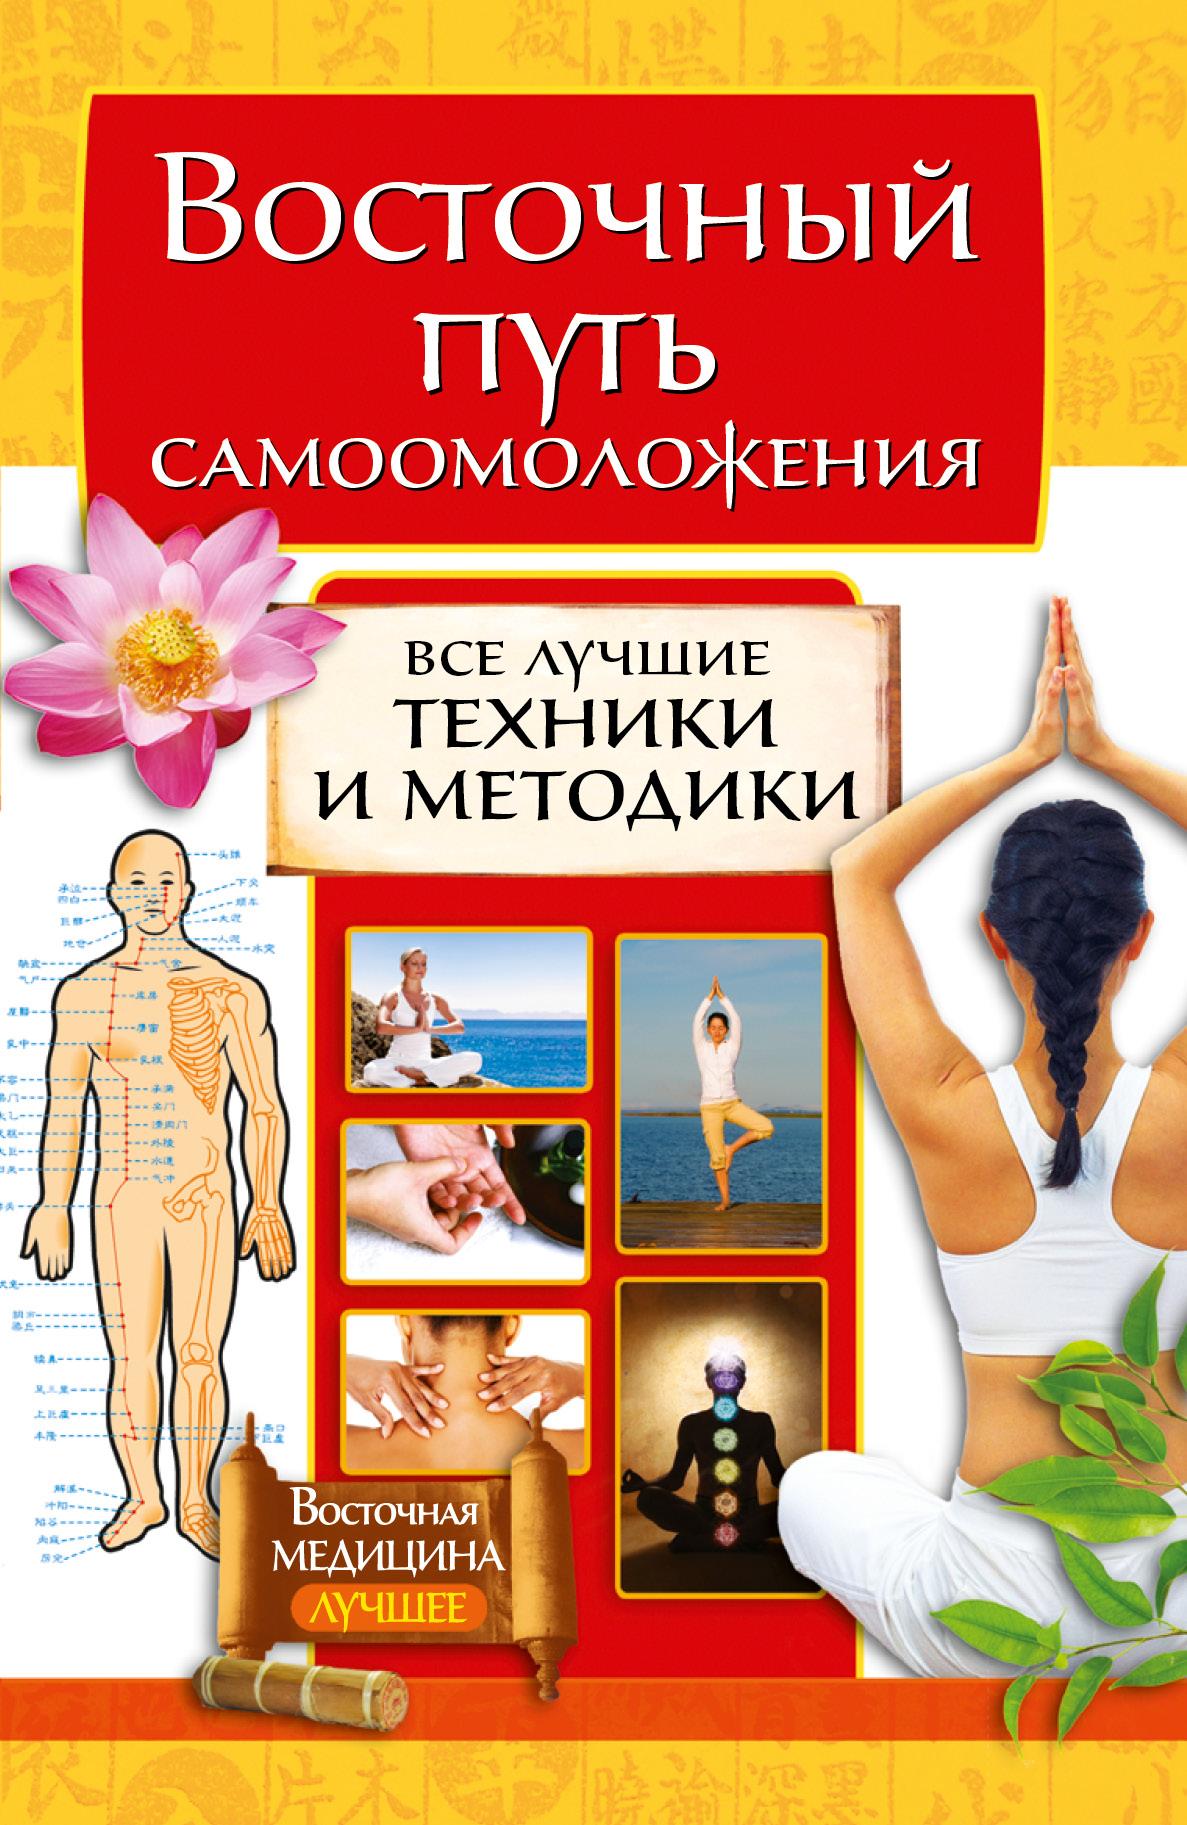 Восточный путь самоомоложения. Все лучшие техники и методики от book24.ru